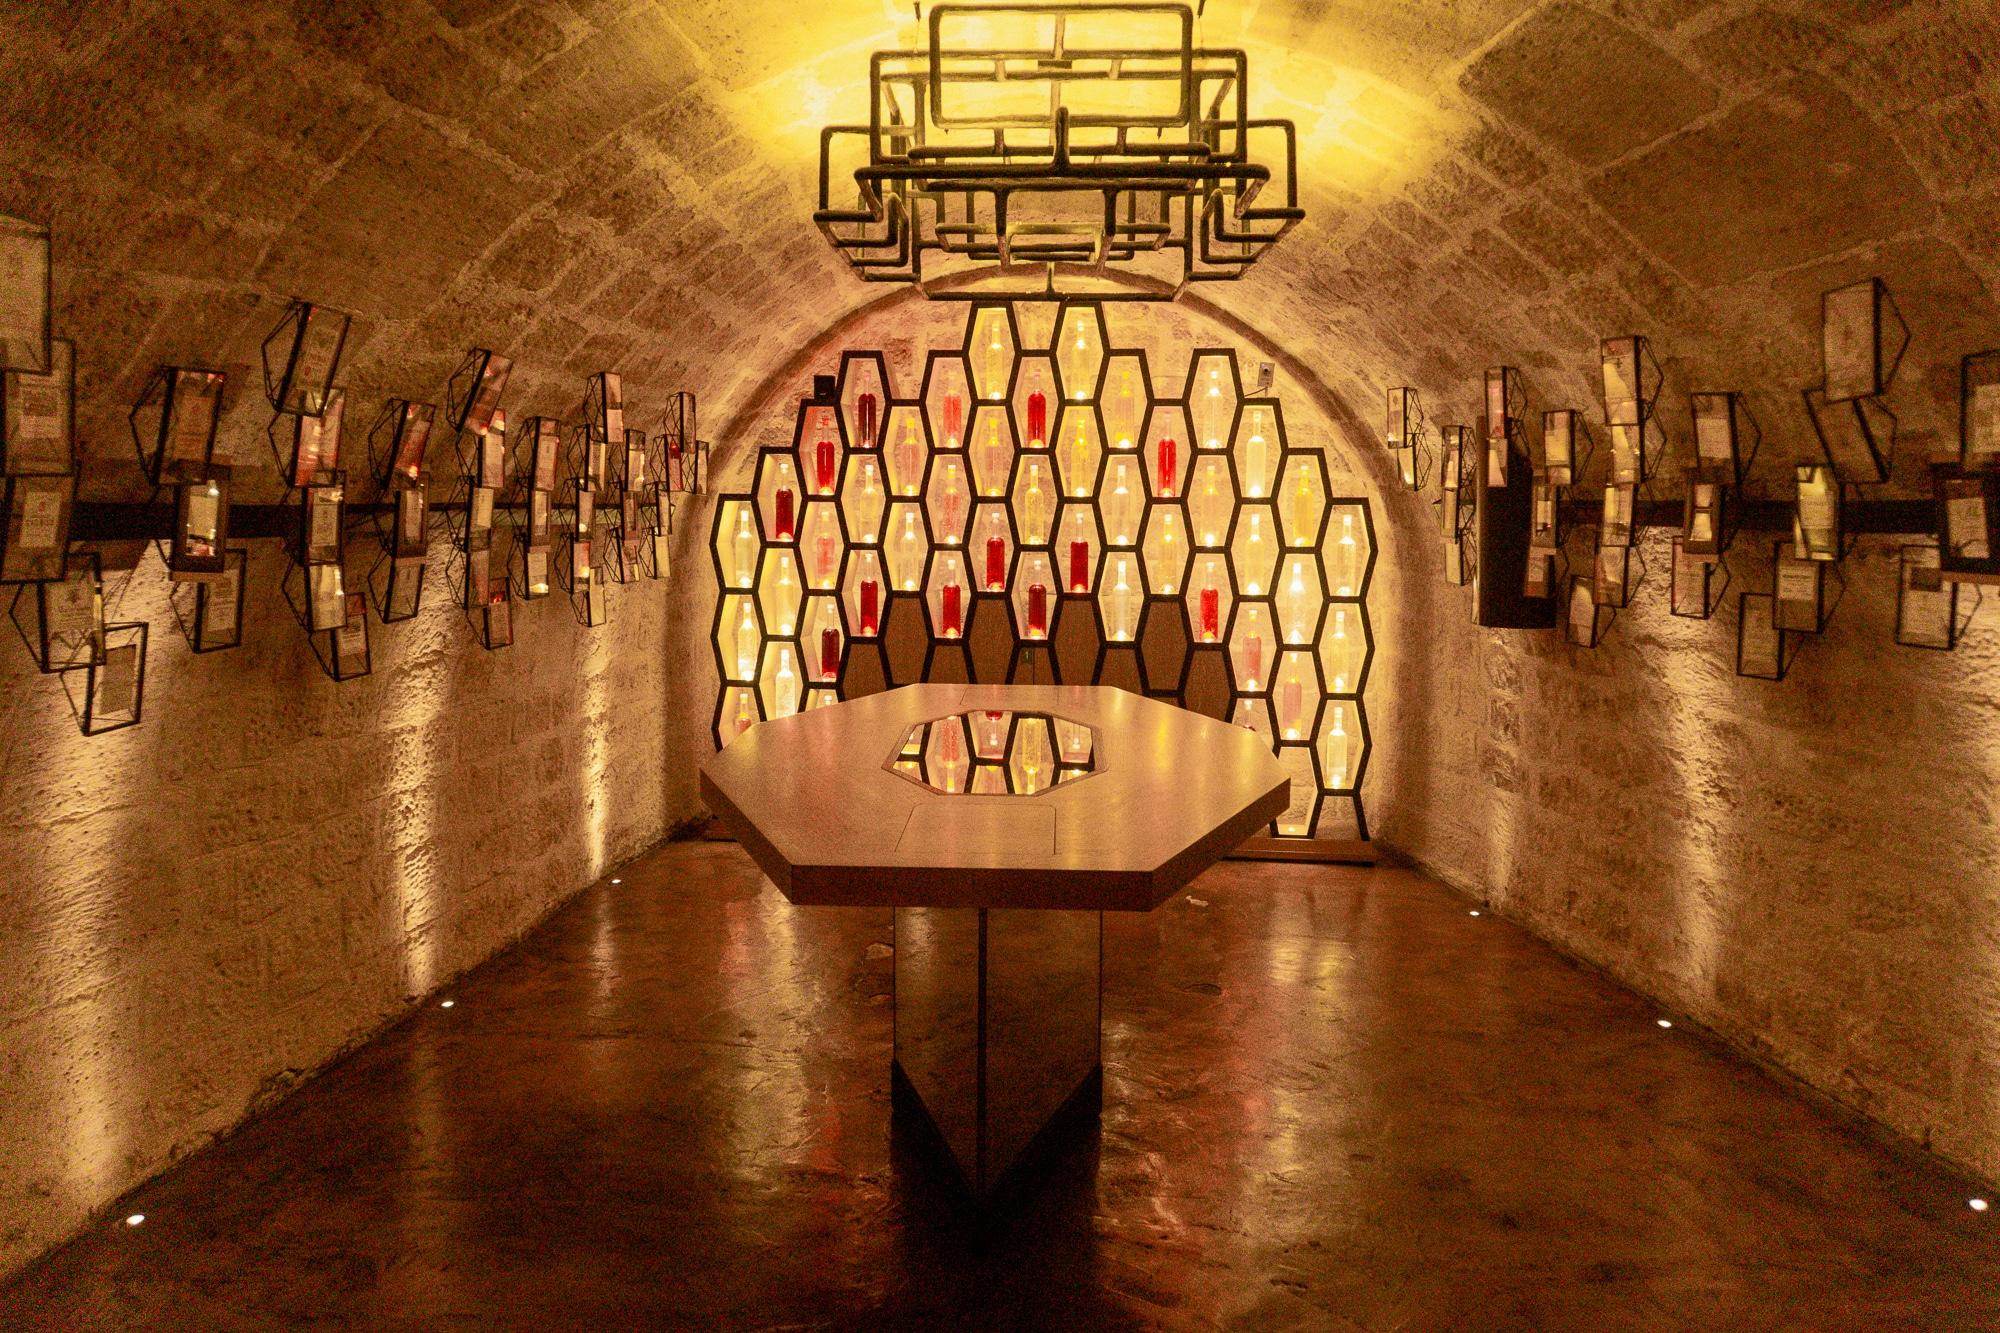 Schönste Fotospots in Paris - und meine liebsten Instagram Hotspots - Caves du Louvre Weinprobe